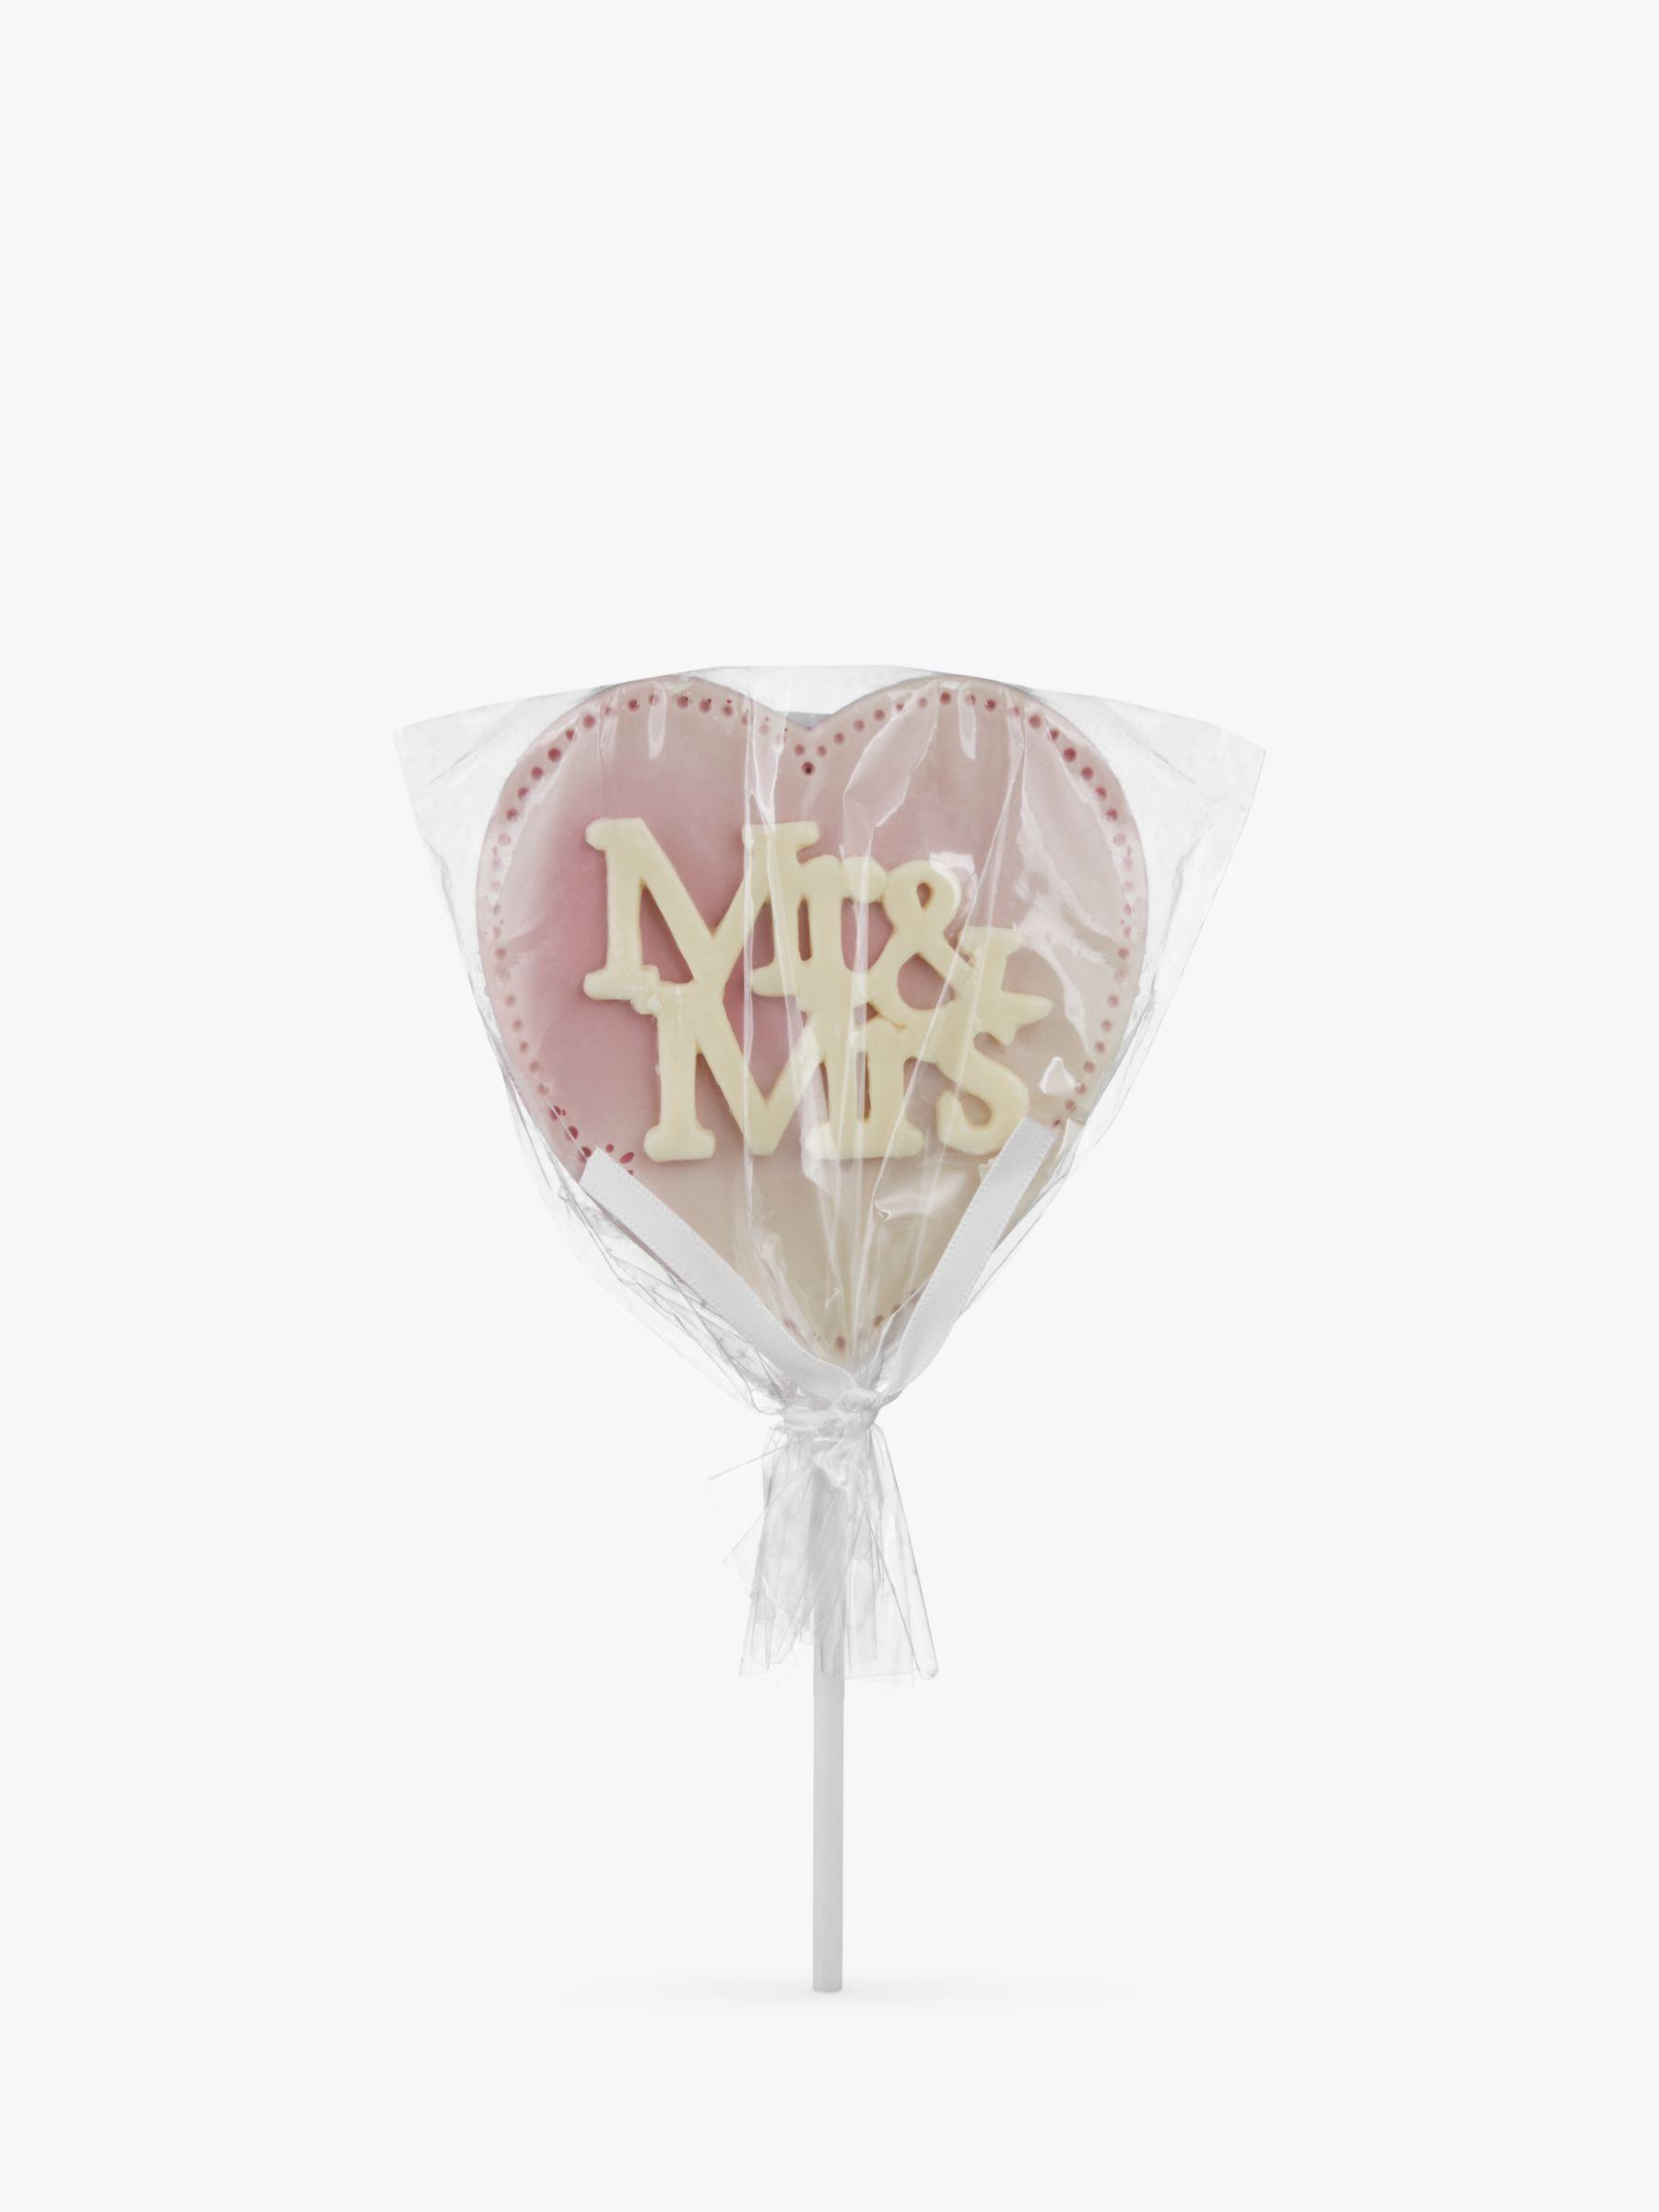 Choc on Choc Choc On Choc 'Mr & Mrs' White Chocolate Lolly, 55g